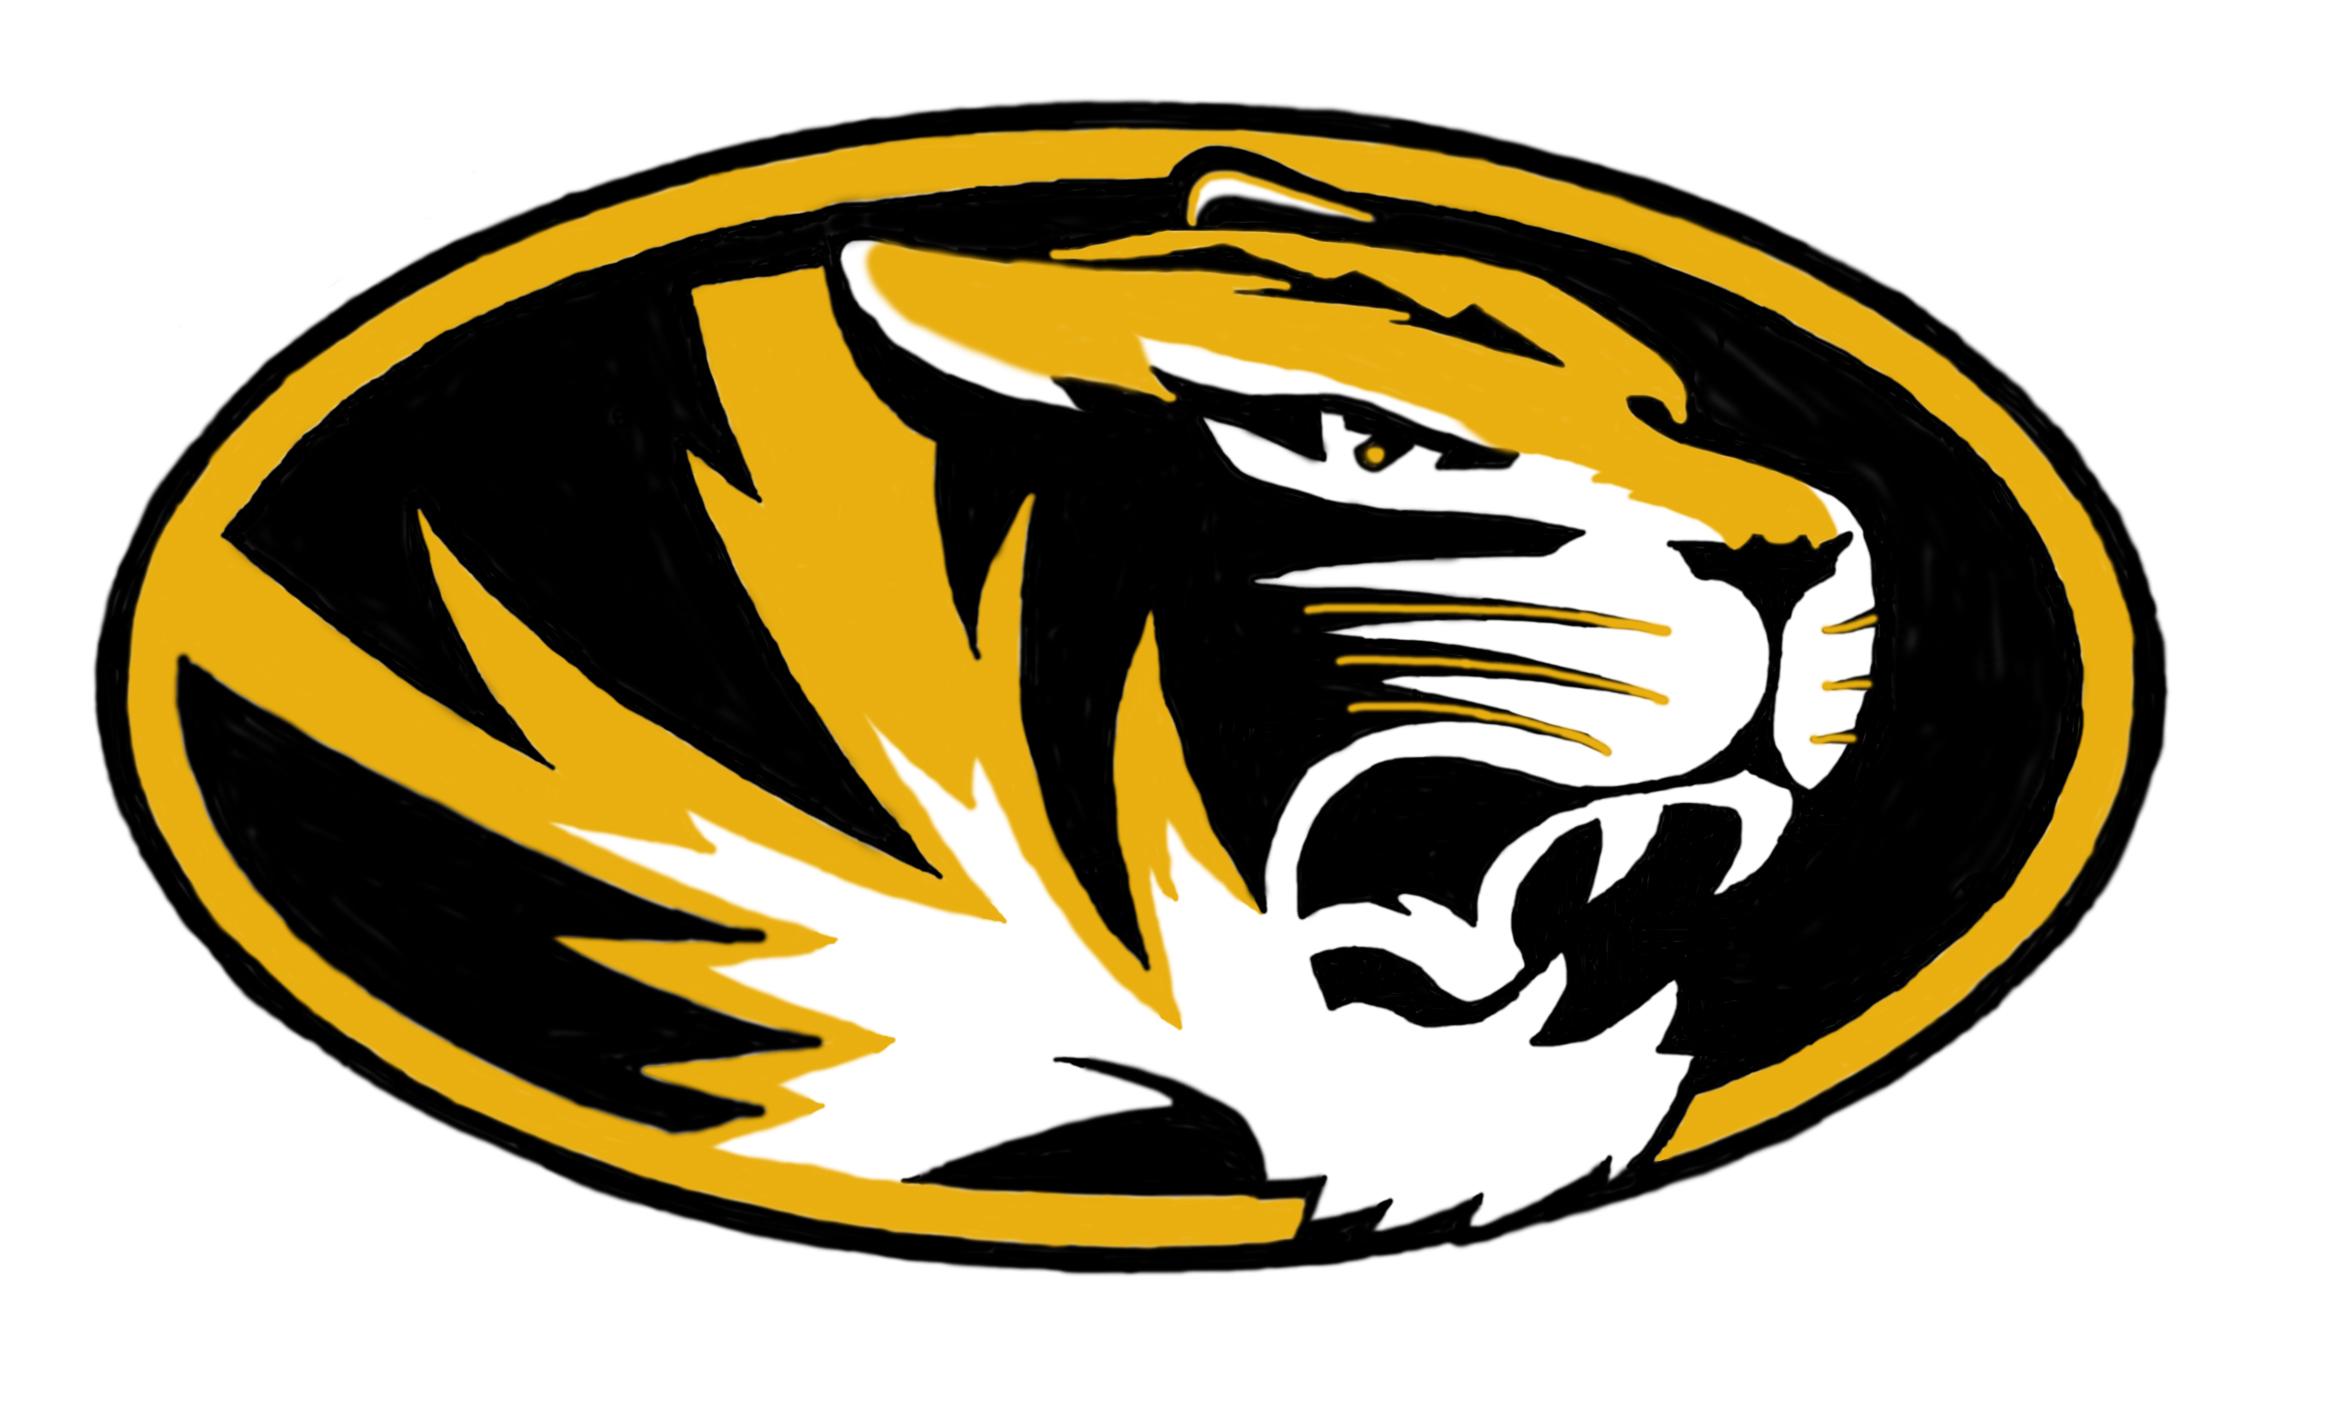 2331x1415 Missouri Tigers Clipart